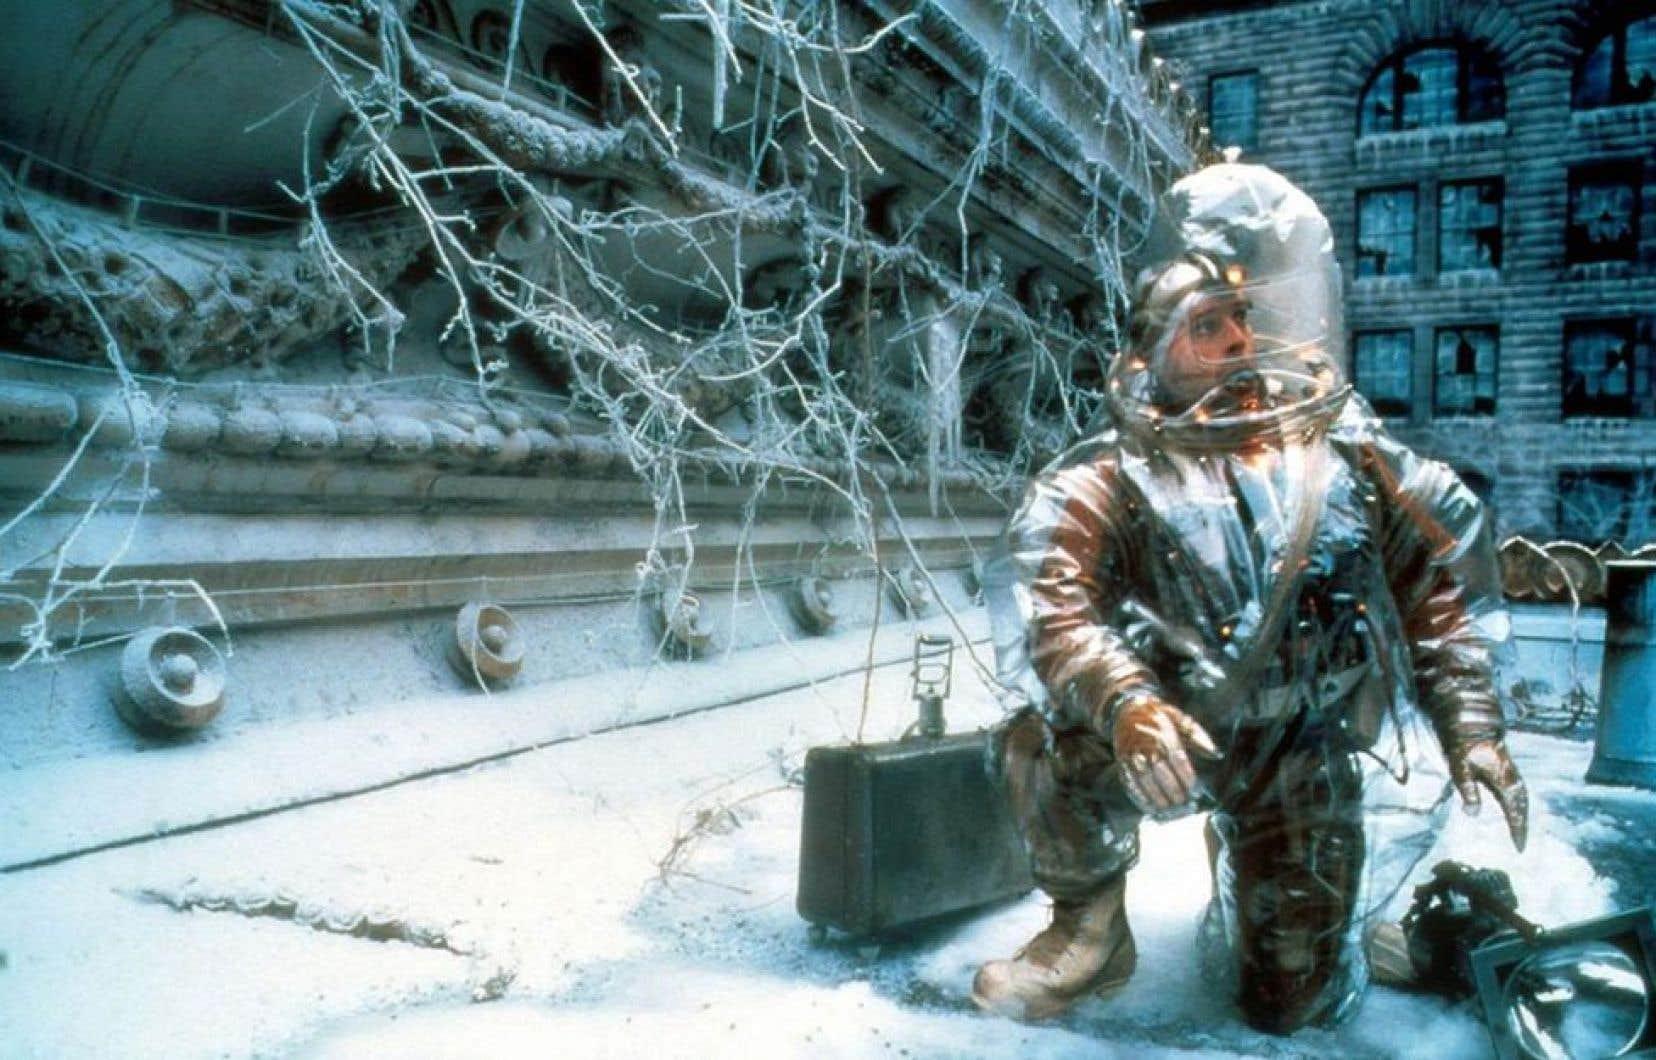 Bruce Willis en tenue futuriste post-pandémie dans «L'armée des 12 singes», de Terry Gilliam, sorti en 1995.